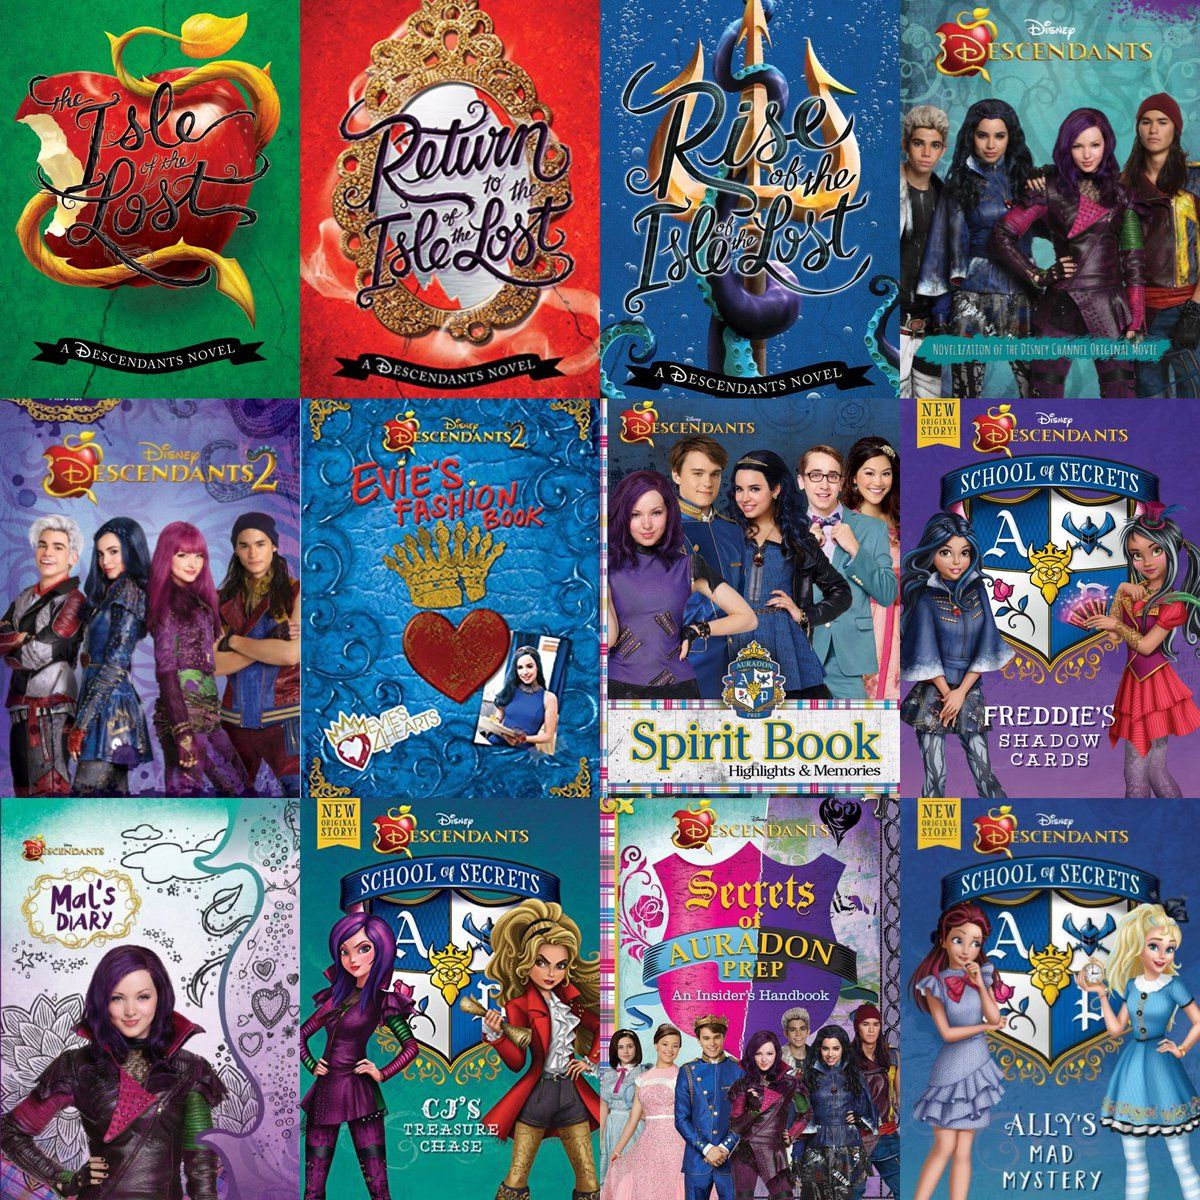 #WorldBookDay ❤️ #DisneyDescendants #Descendants2